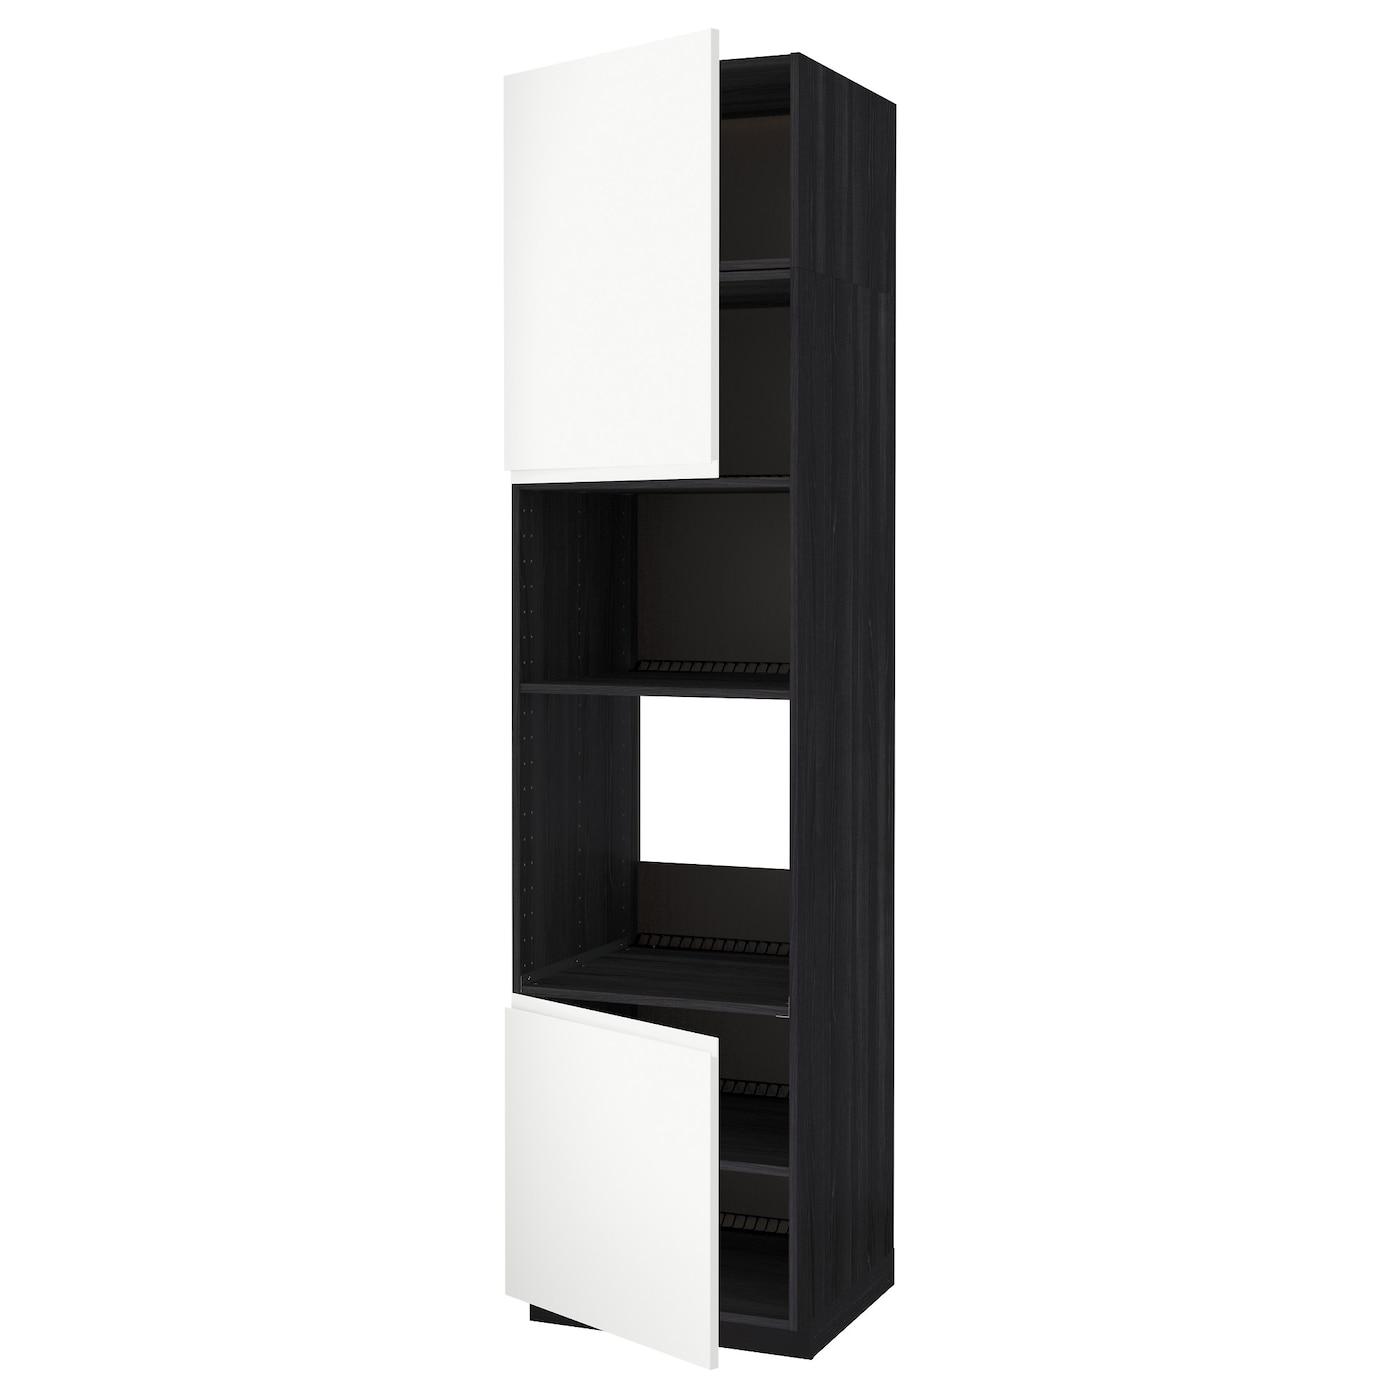 METOD, HS für Ofen/Mikro m 2 Türen/Böden, schwarz 091.660.05